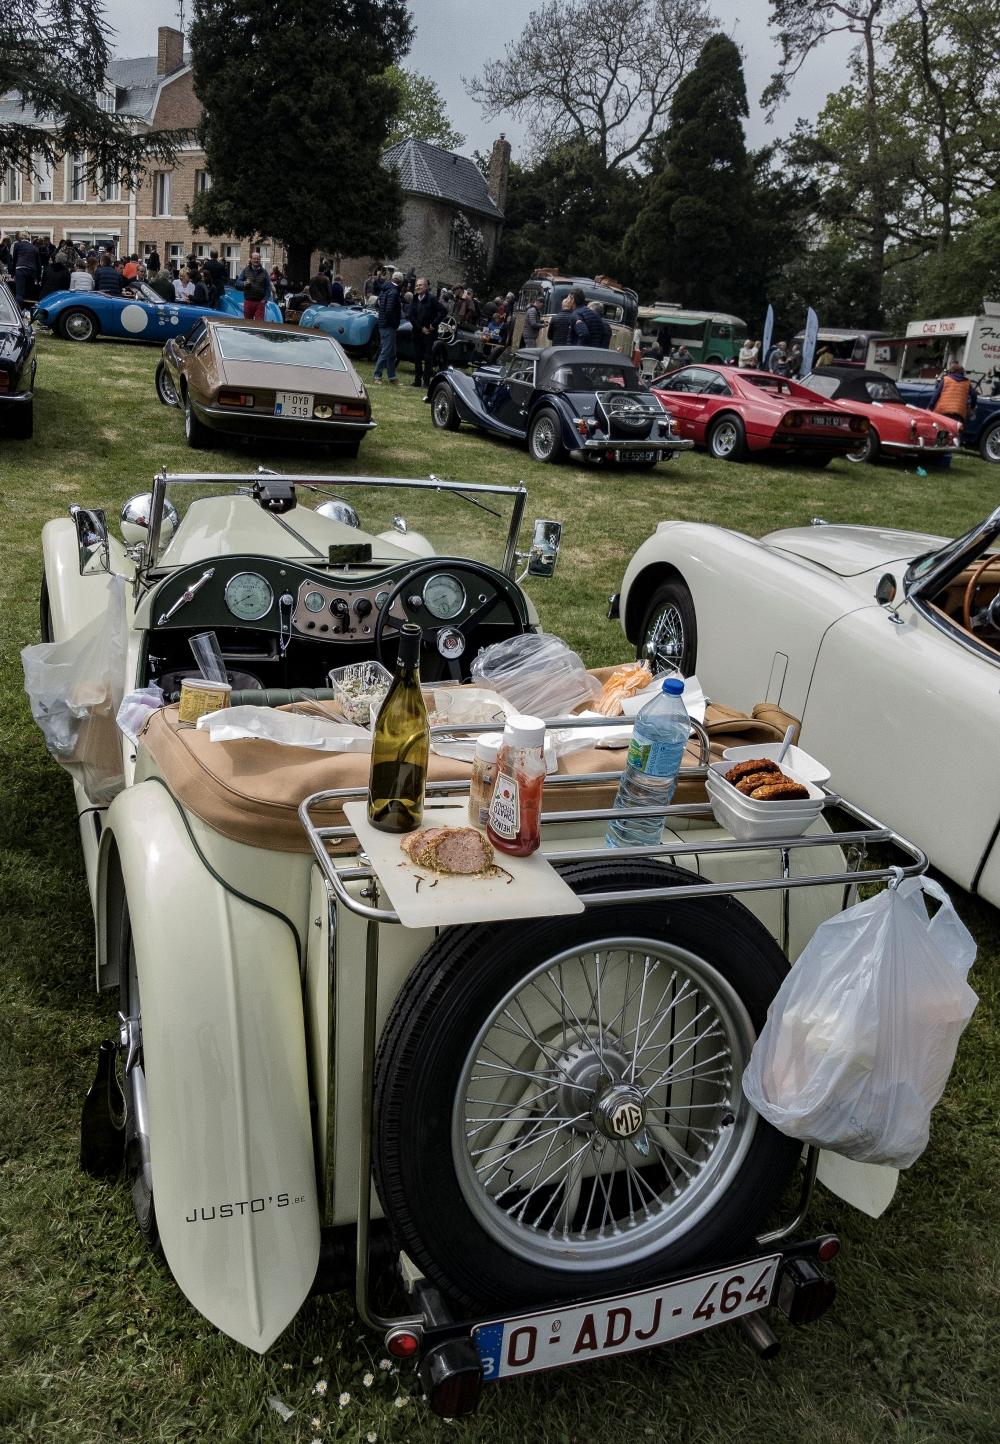 MG, table de pique-nique - Belles autos, bons amis et bonne musique le 1er mai à Cassel